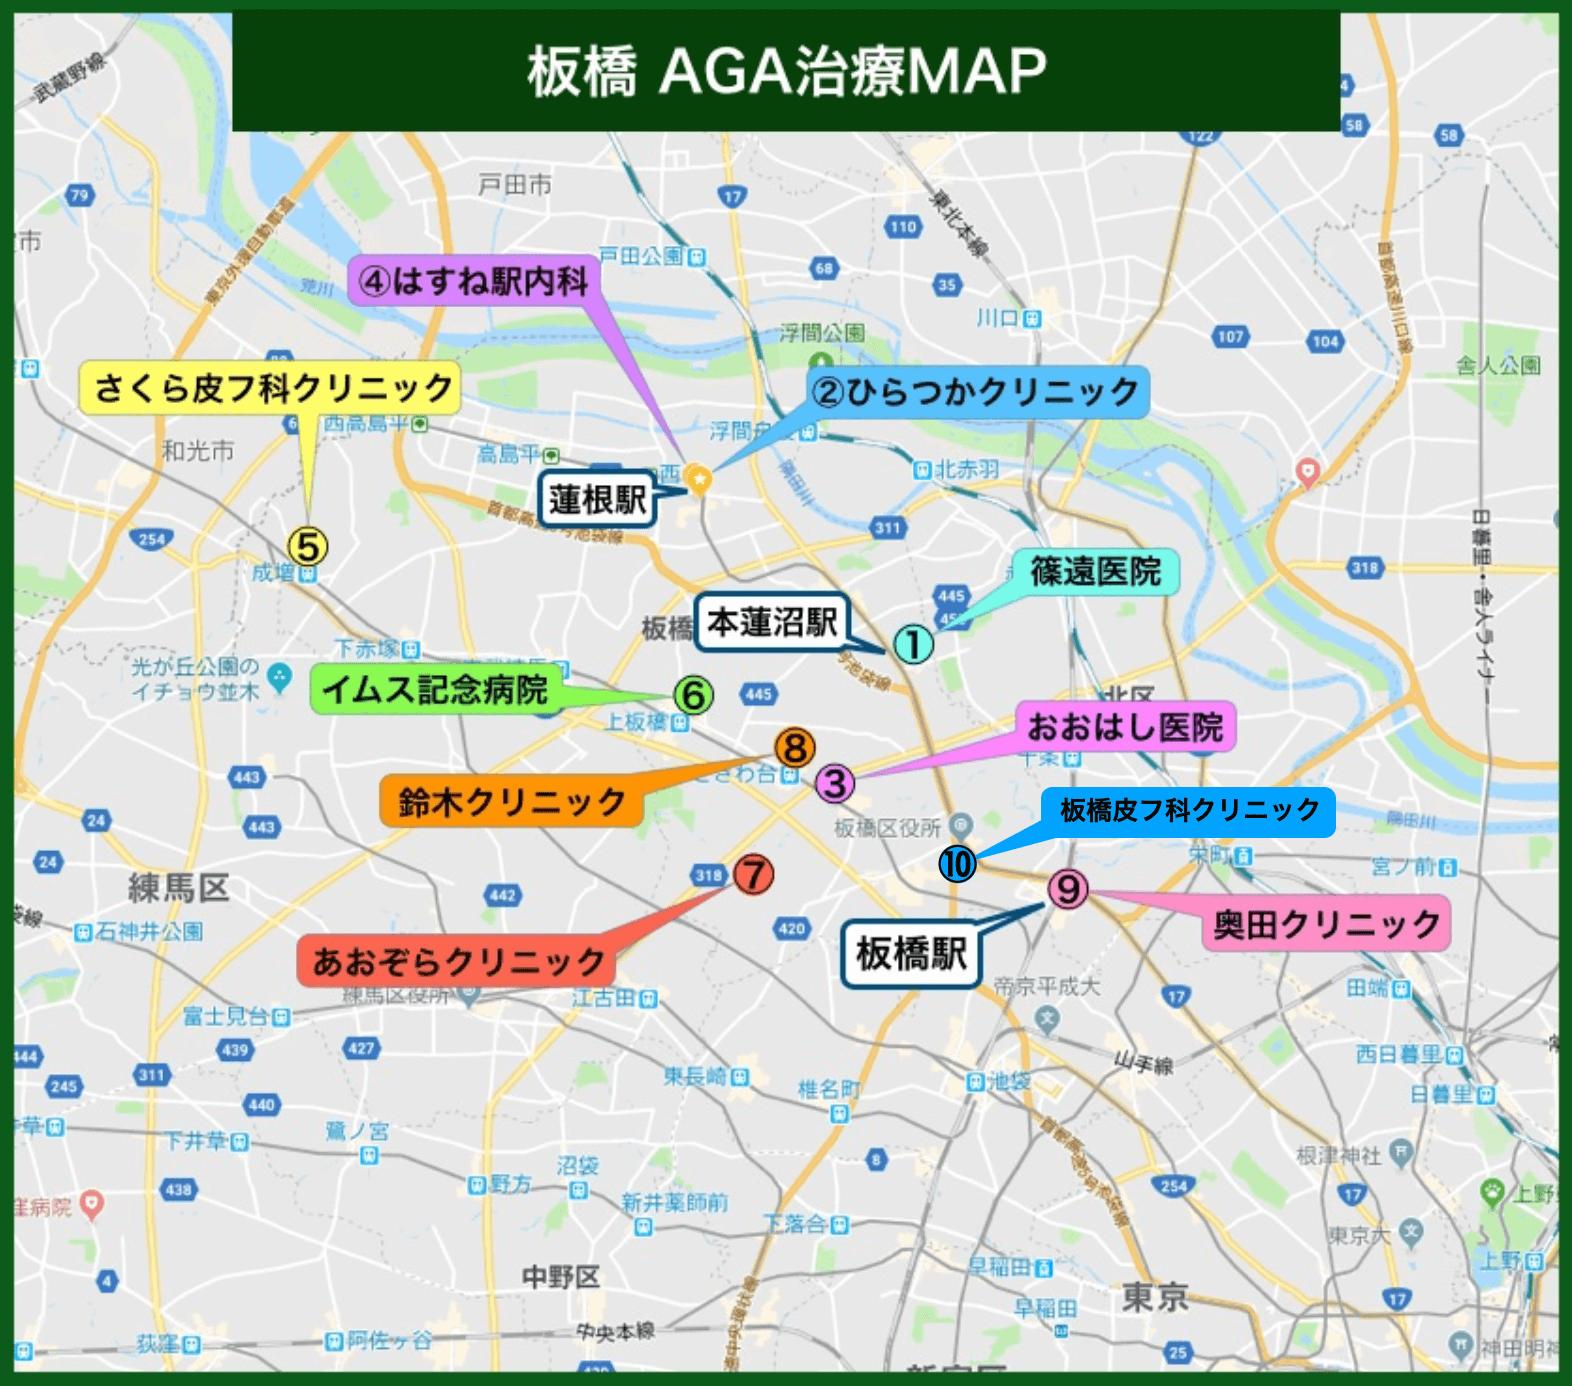 板橋AGA治療MAP